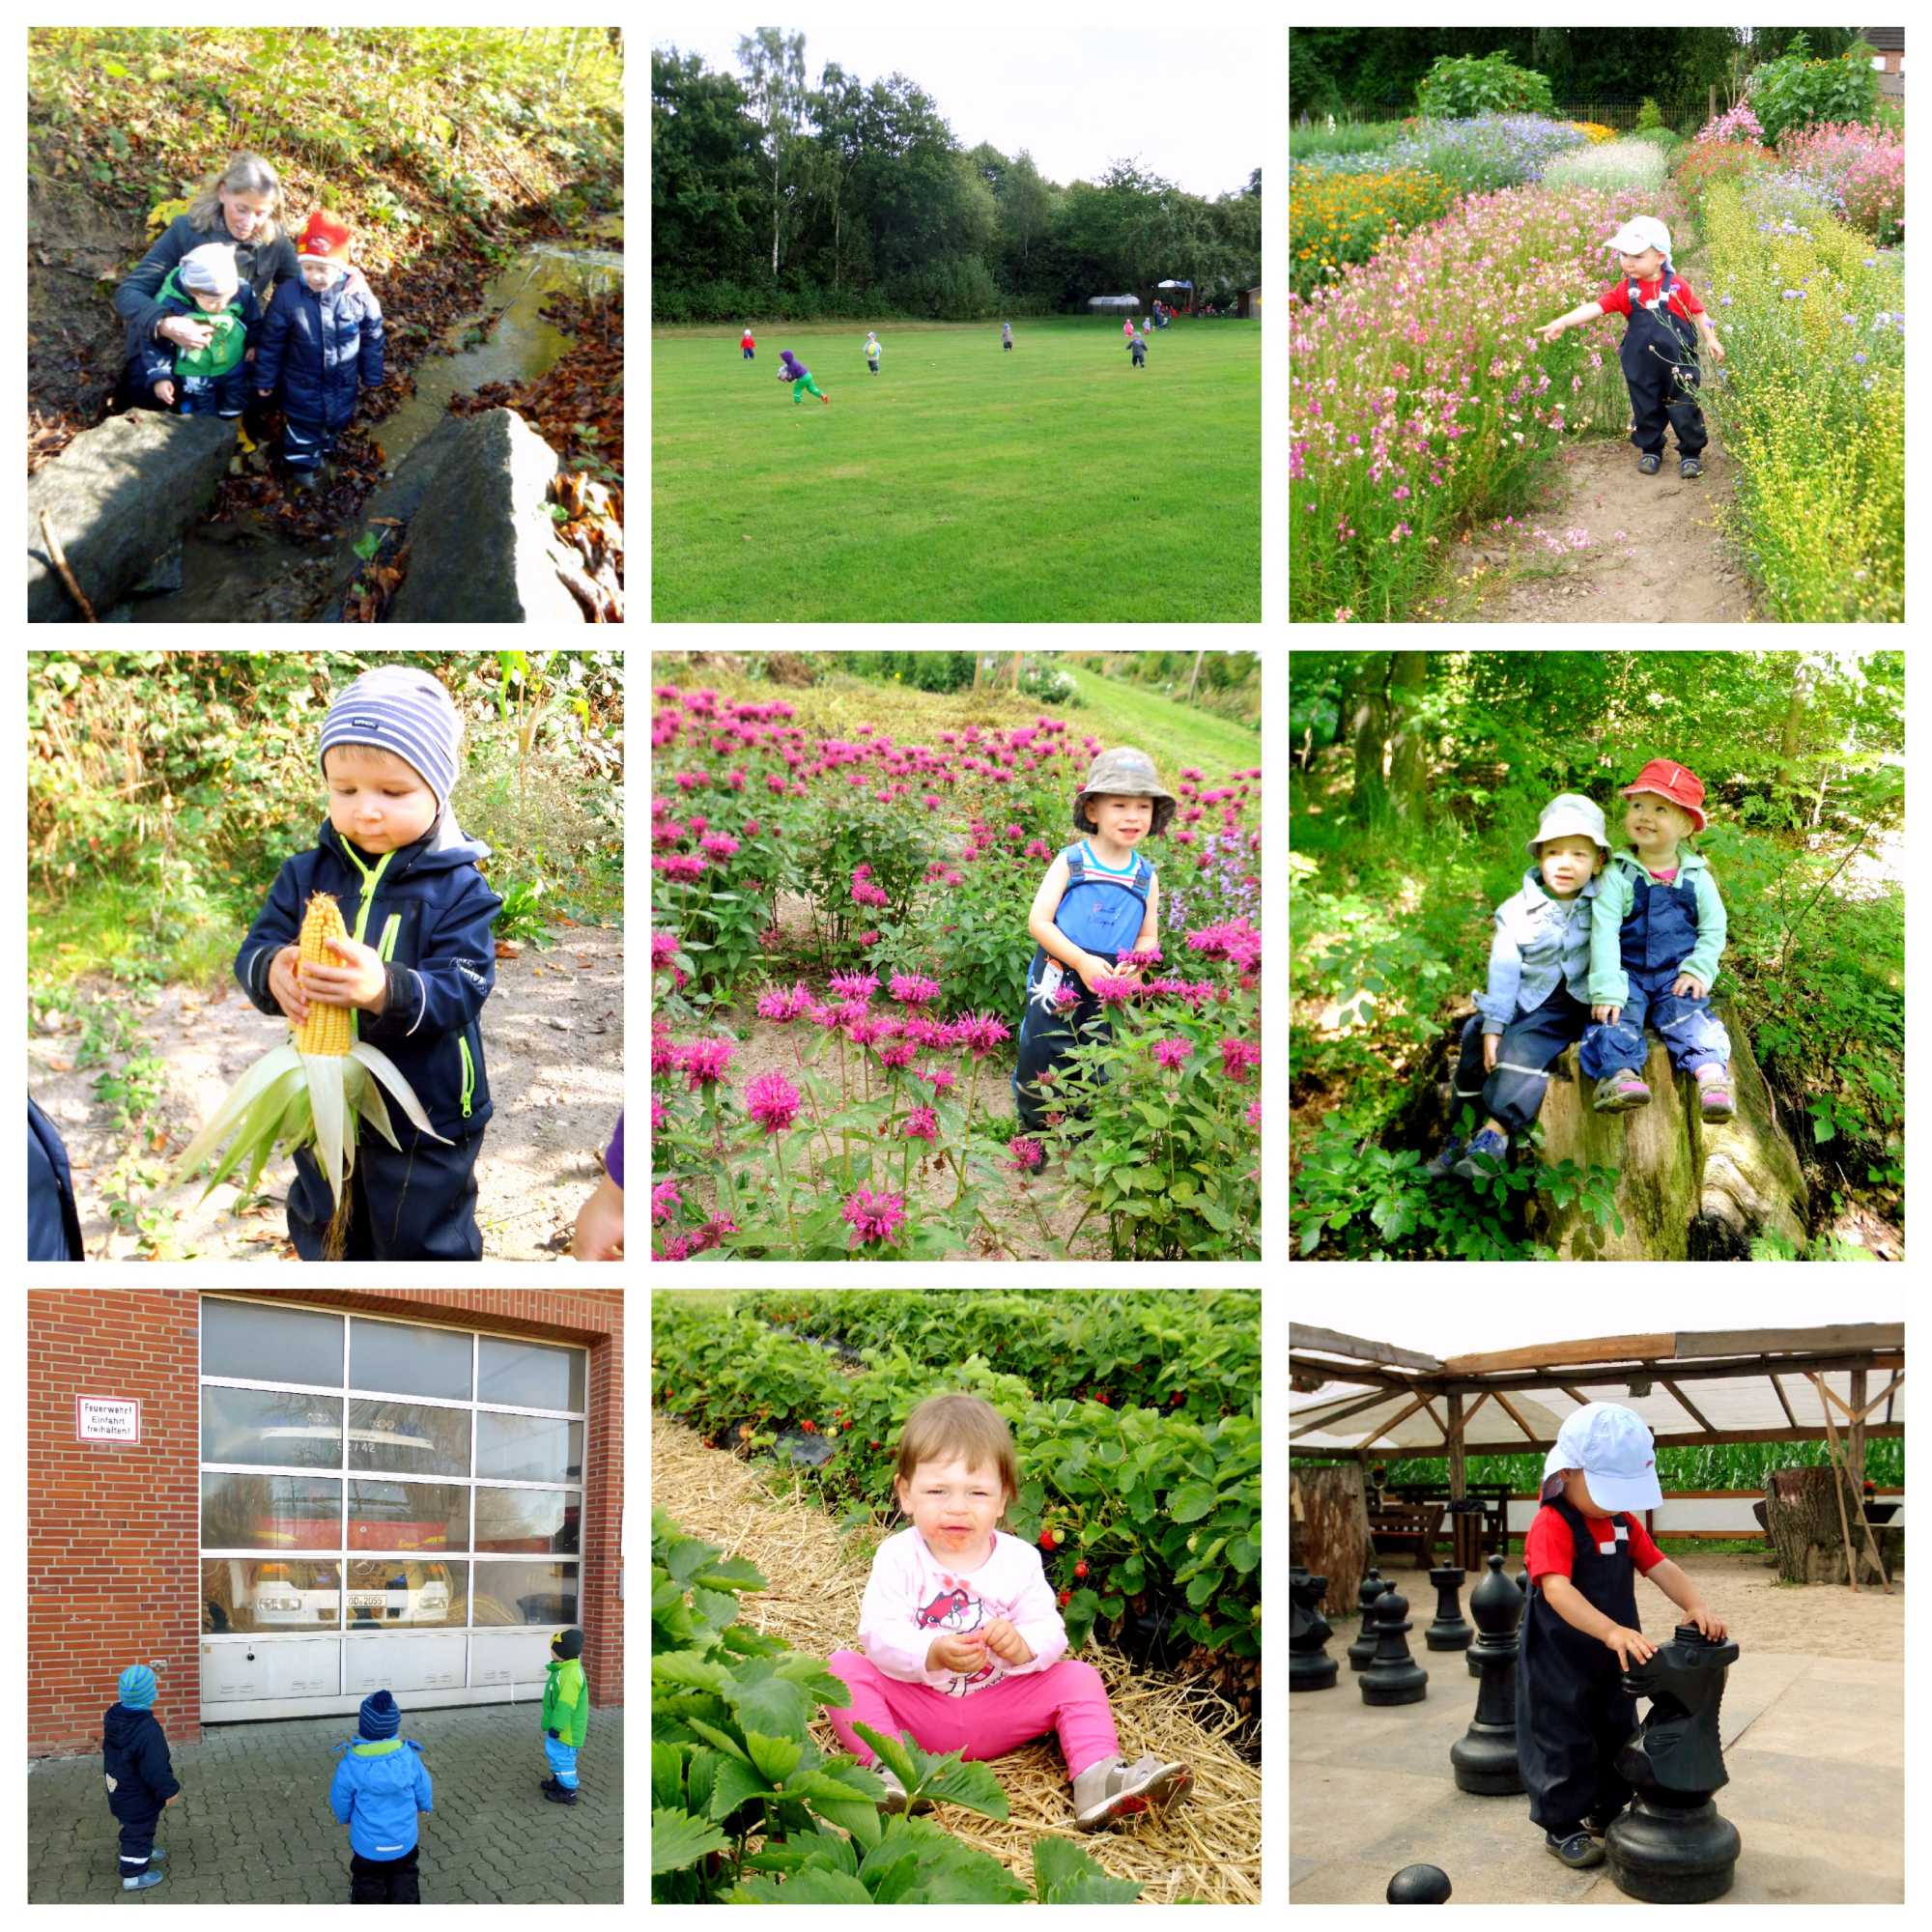 Kita Kid Zone Naturerlebnisse 1 - Naturerlebnisse und Ausflüge